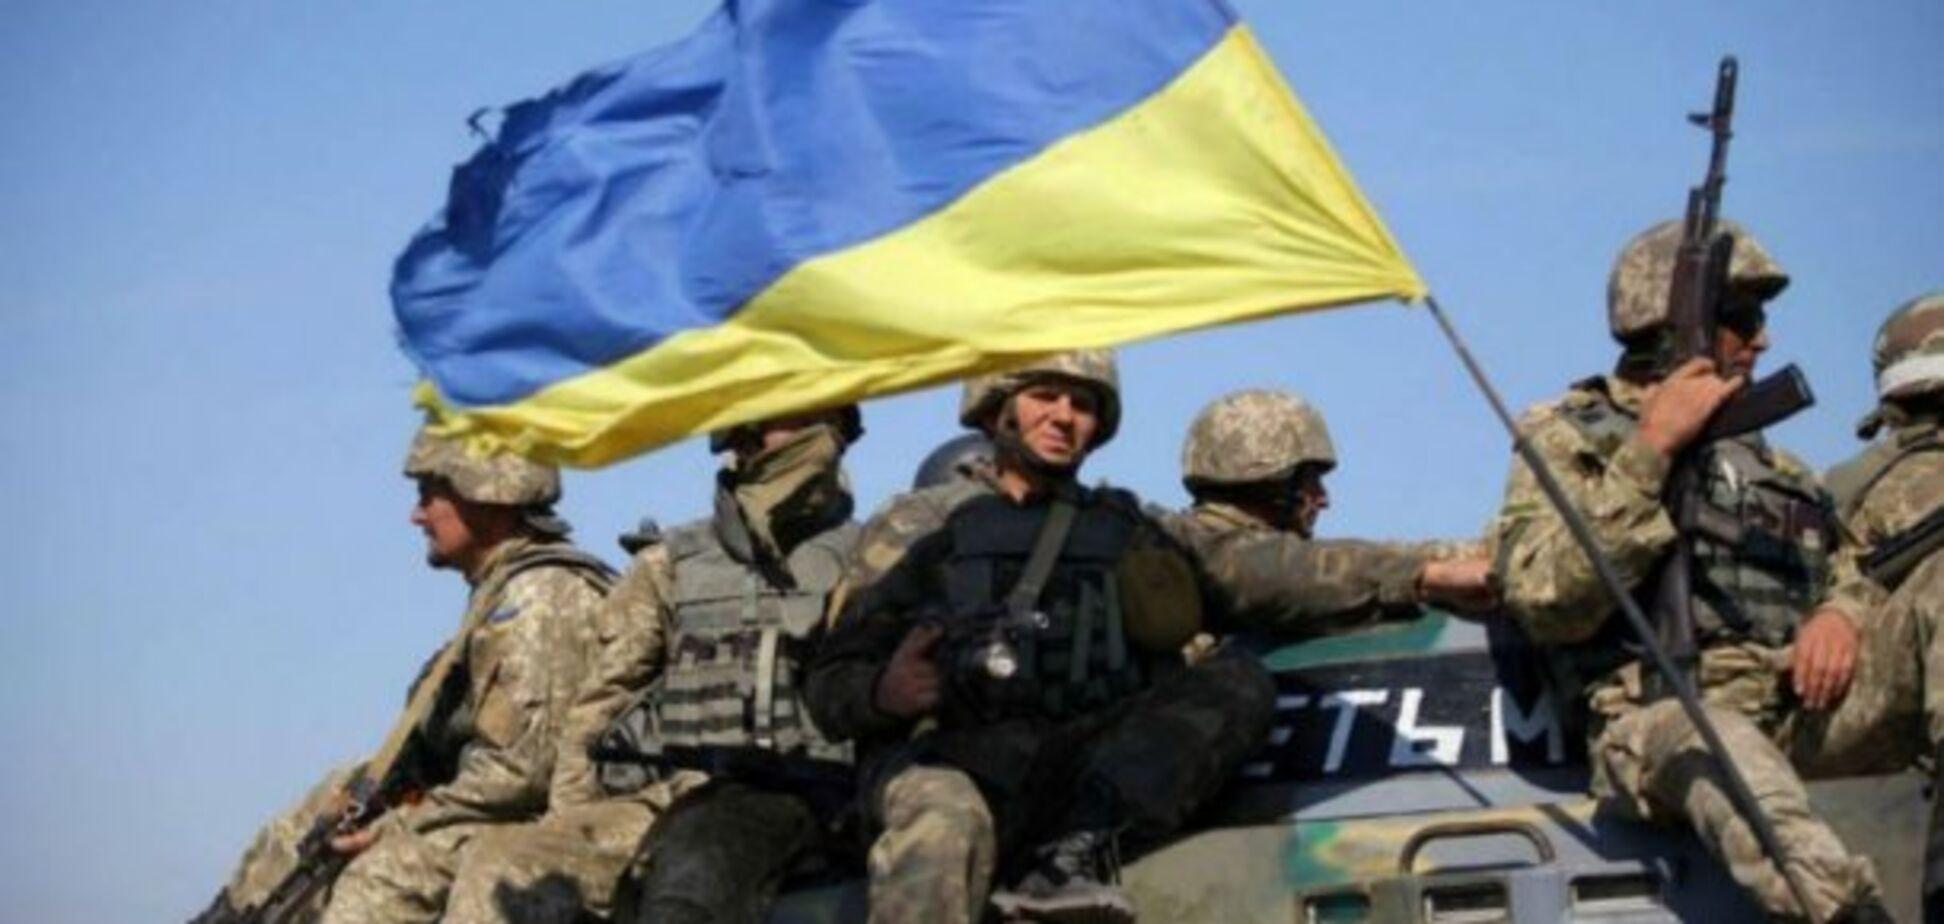 'З'їмо снігурів і розіпнемо хлопчиків': в Україні відповіли Лаврову на 'силову зачистку' Донбасу